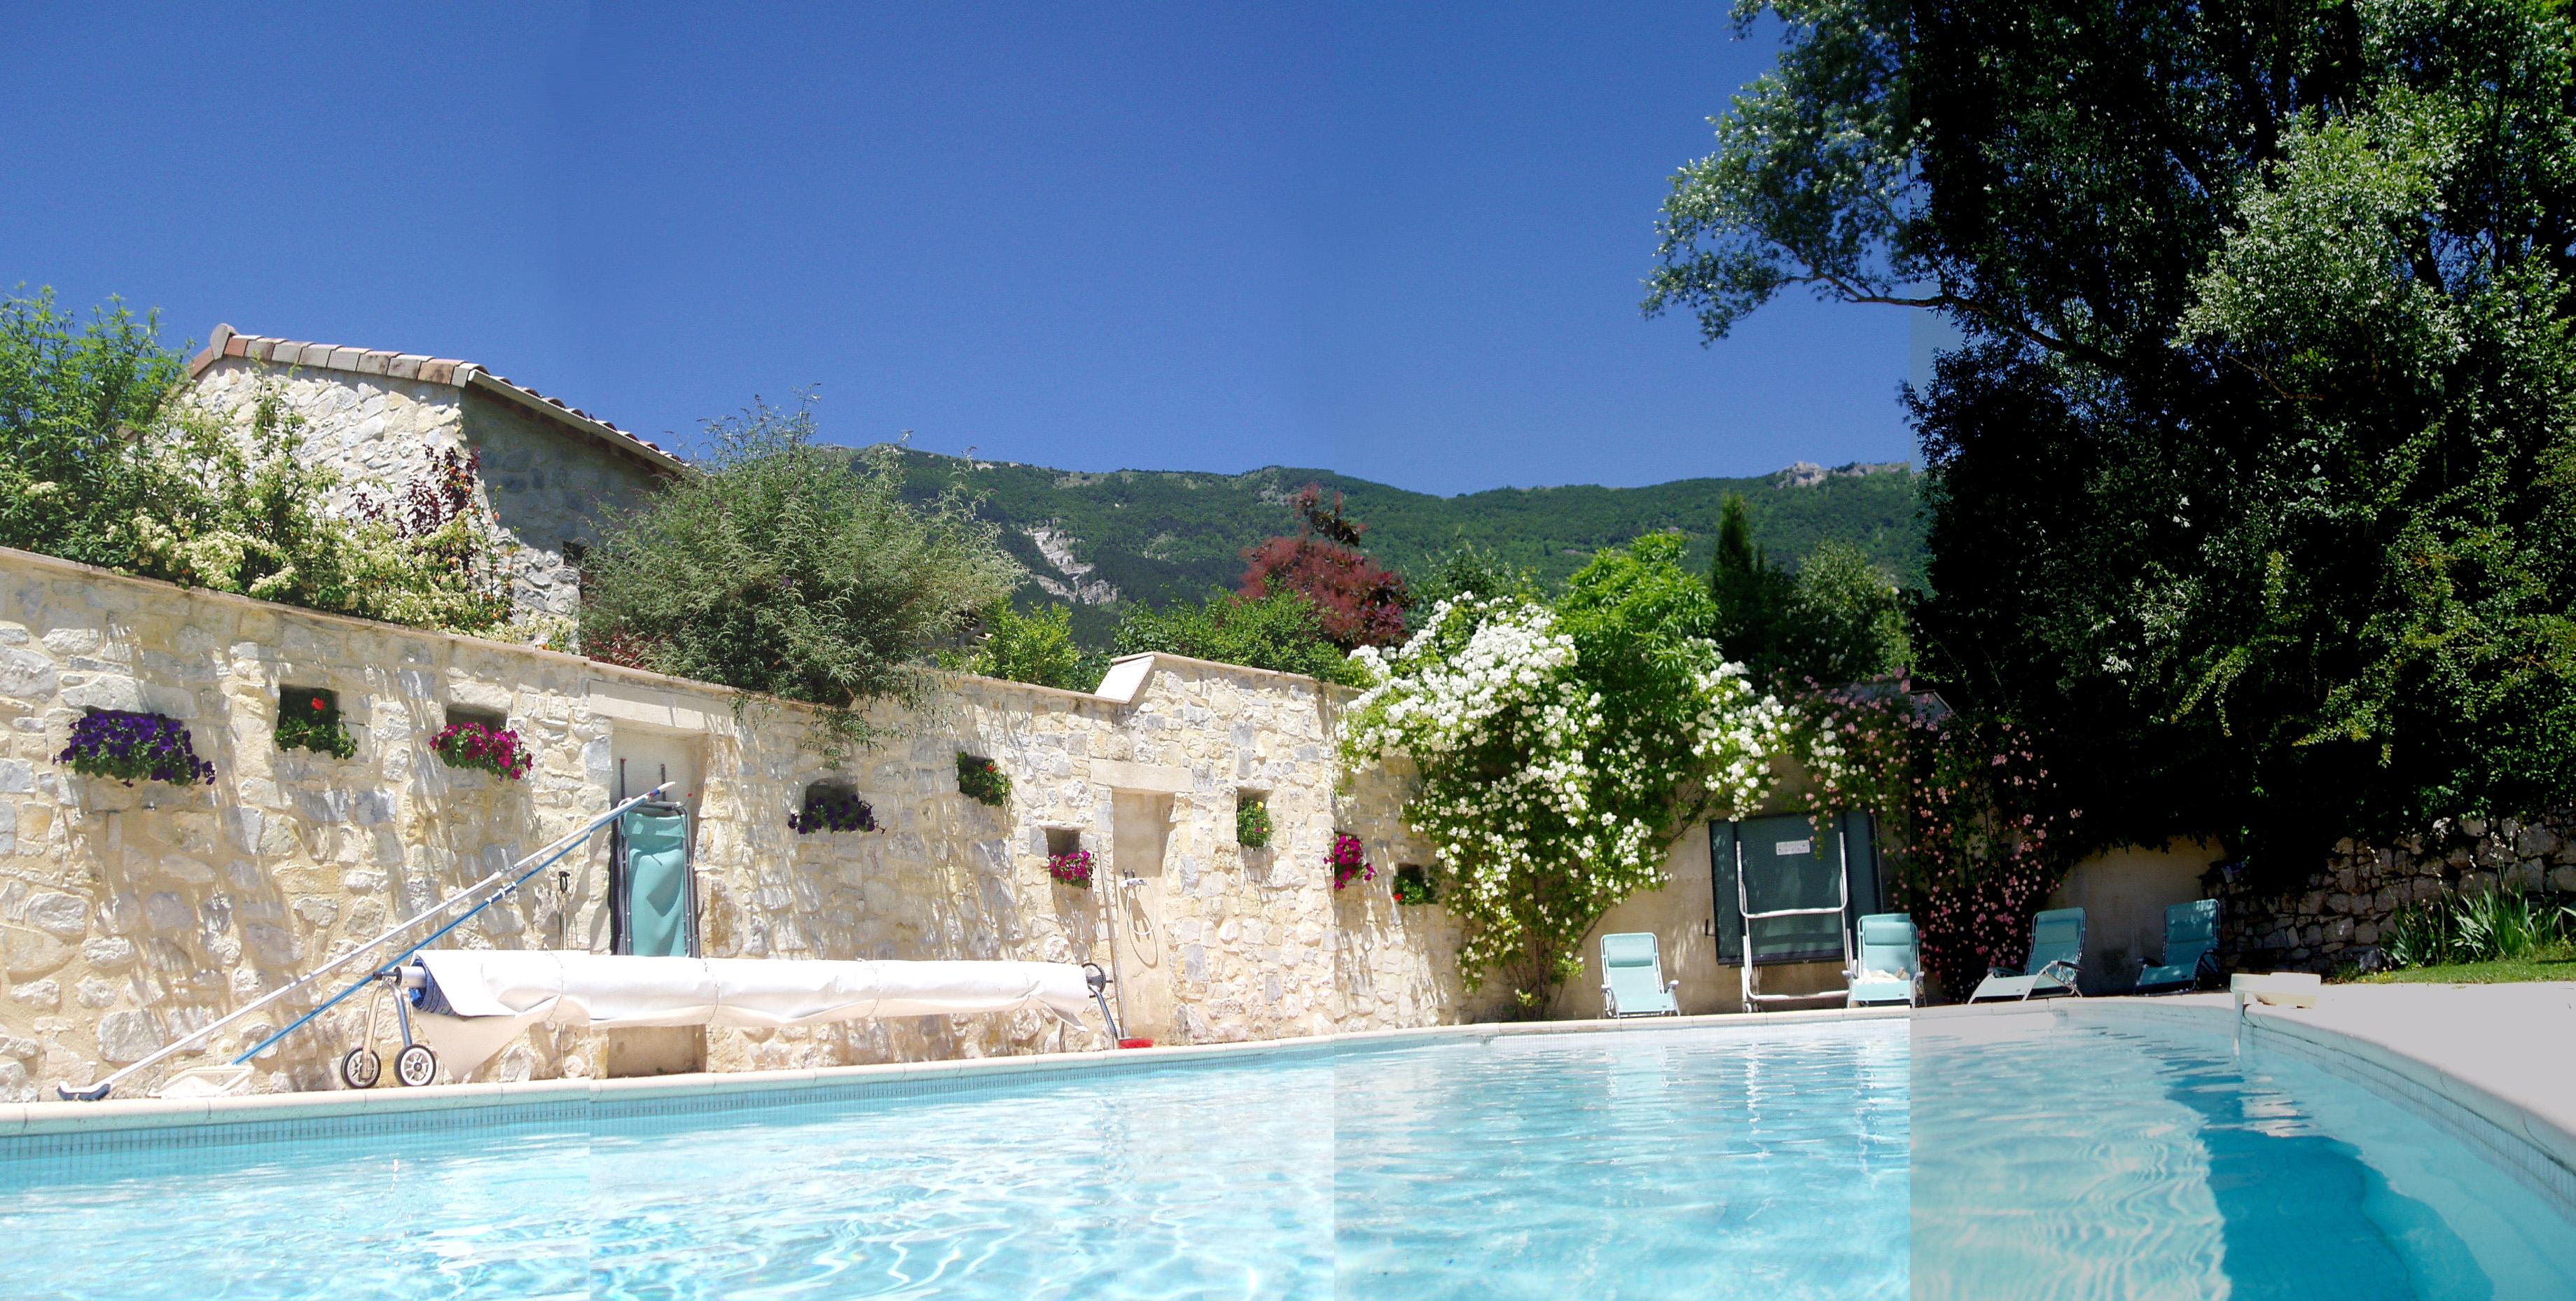 3 gites habitation principale avec piscine dans la drome